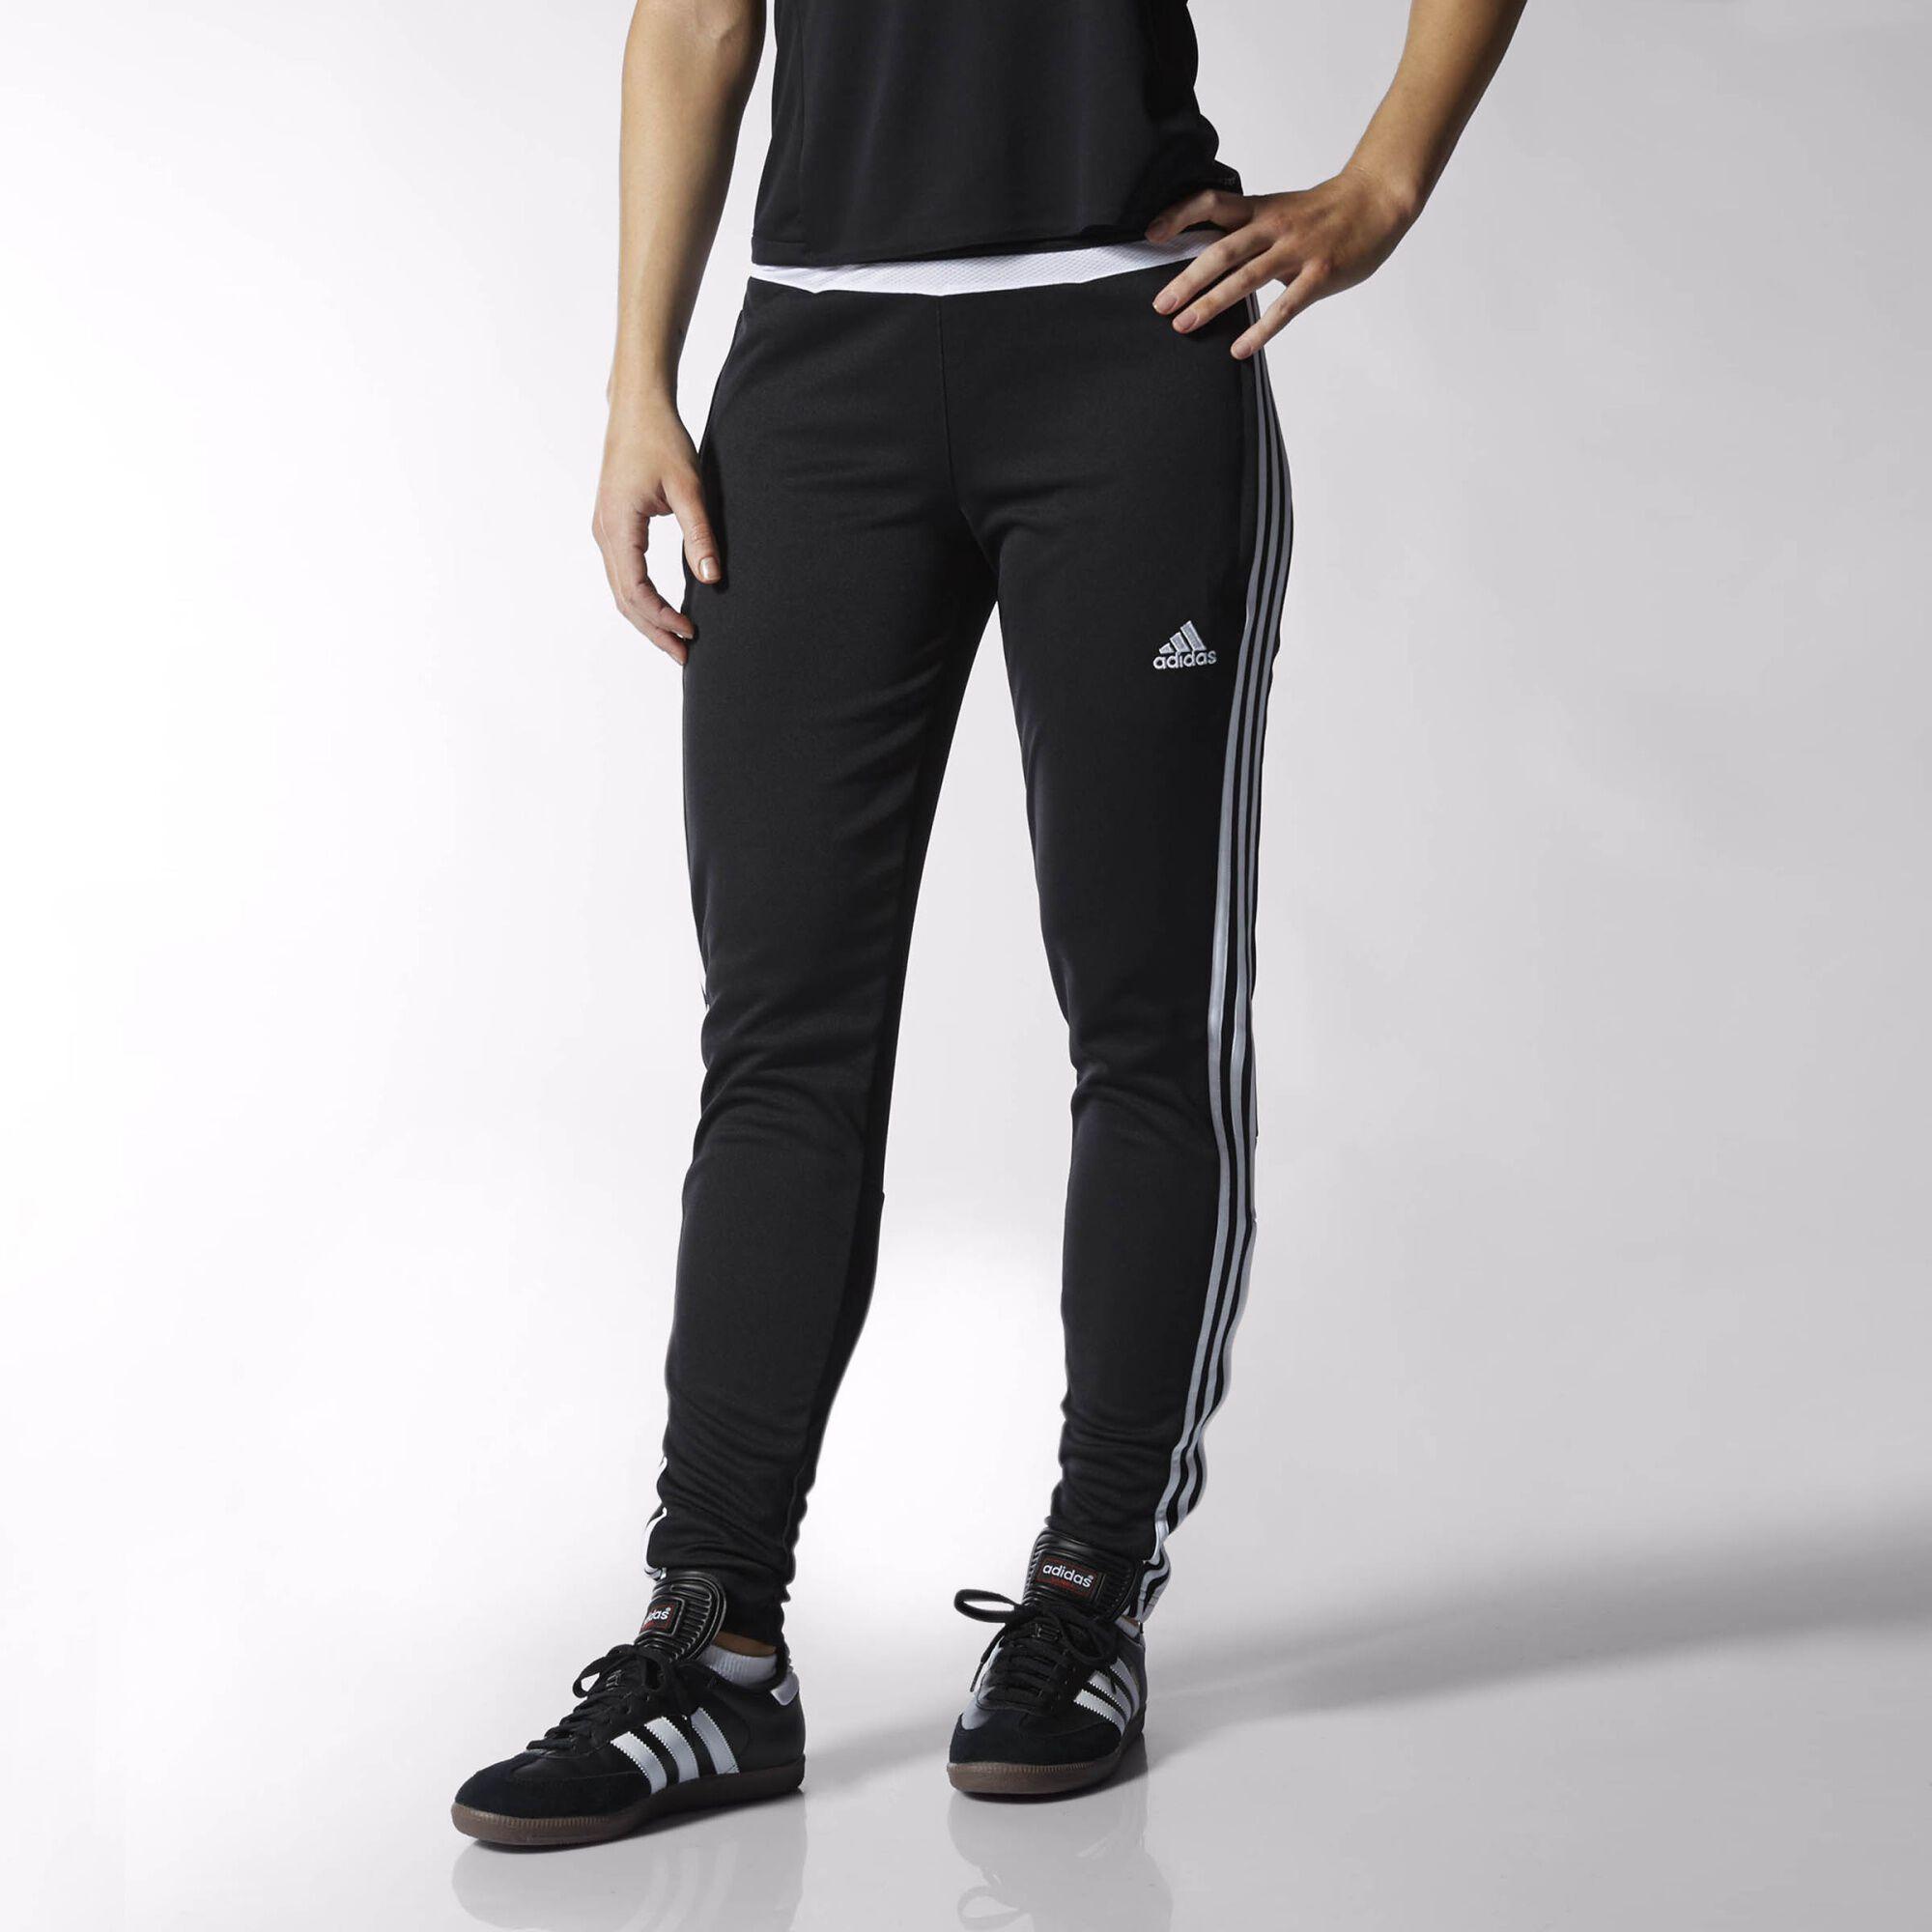 training adidas